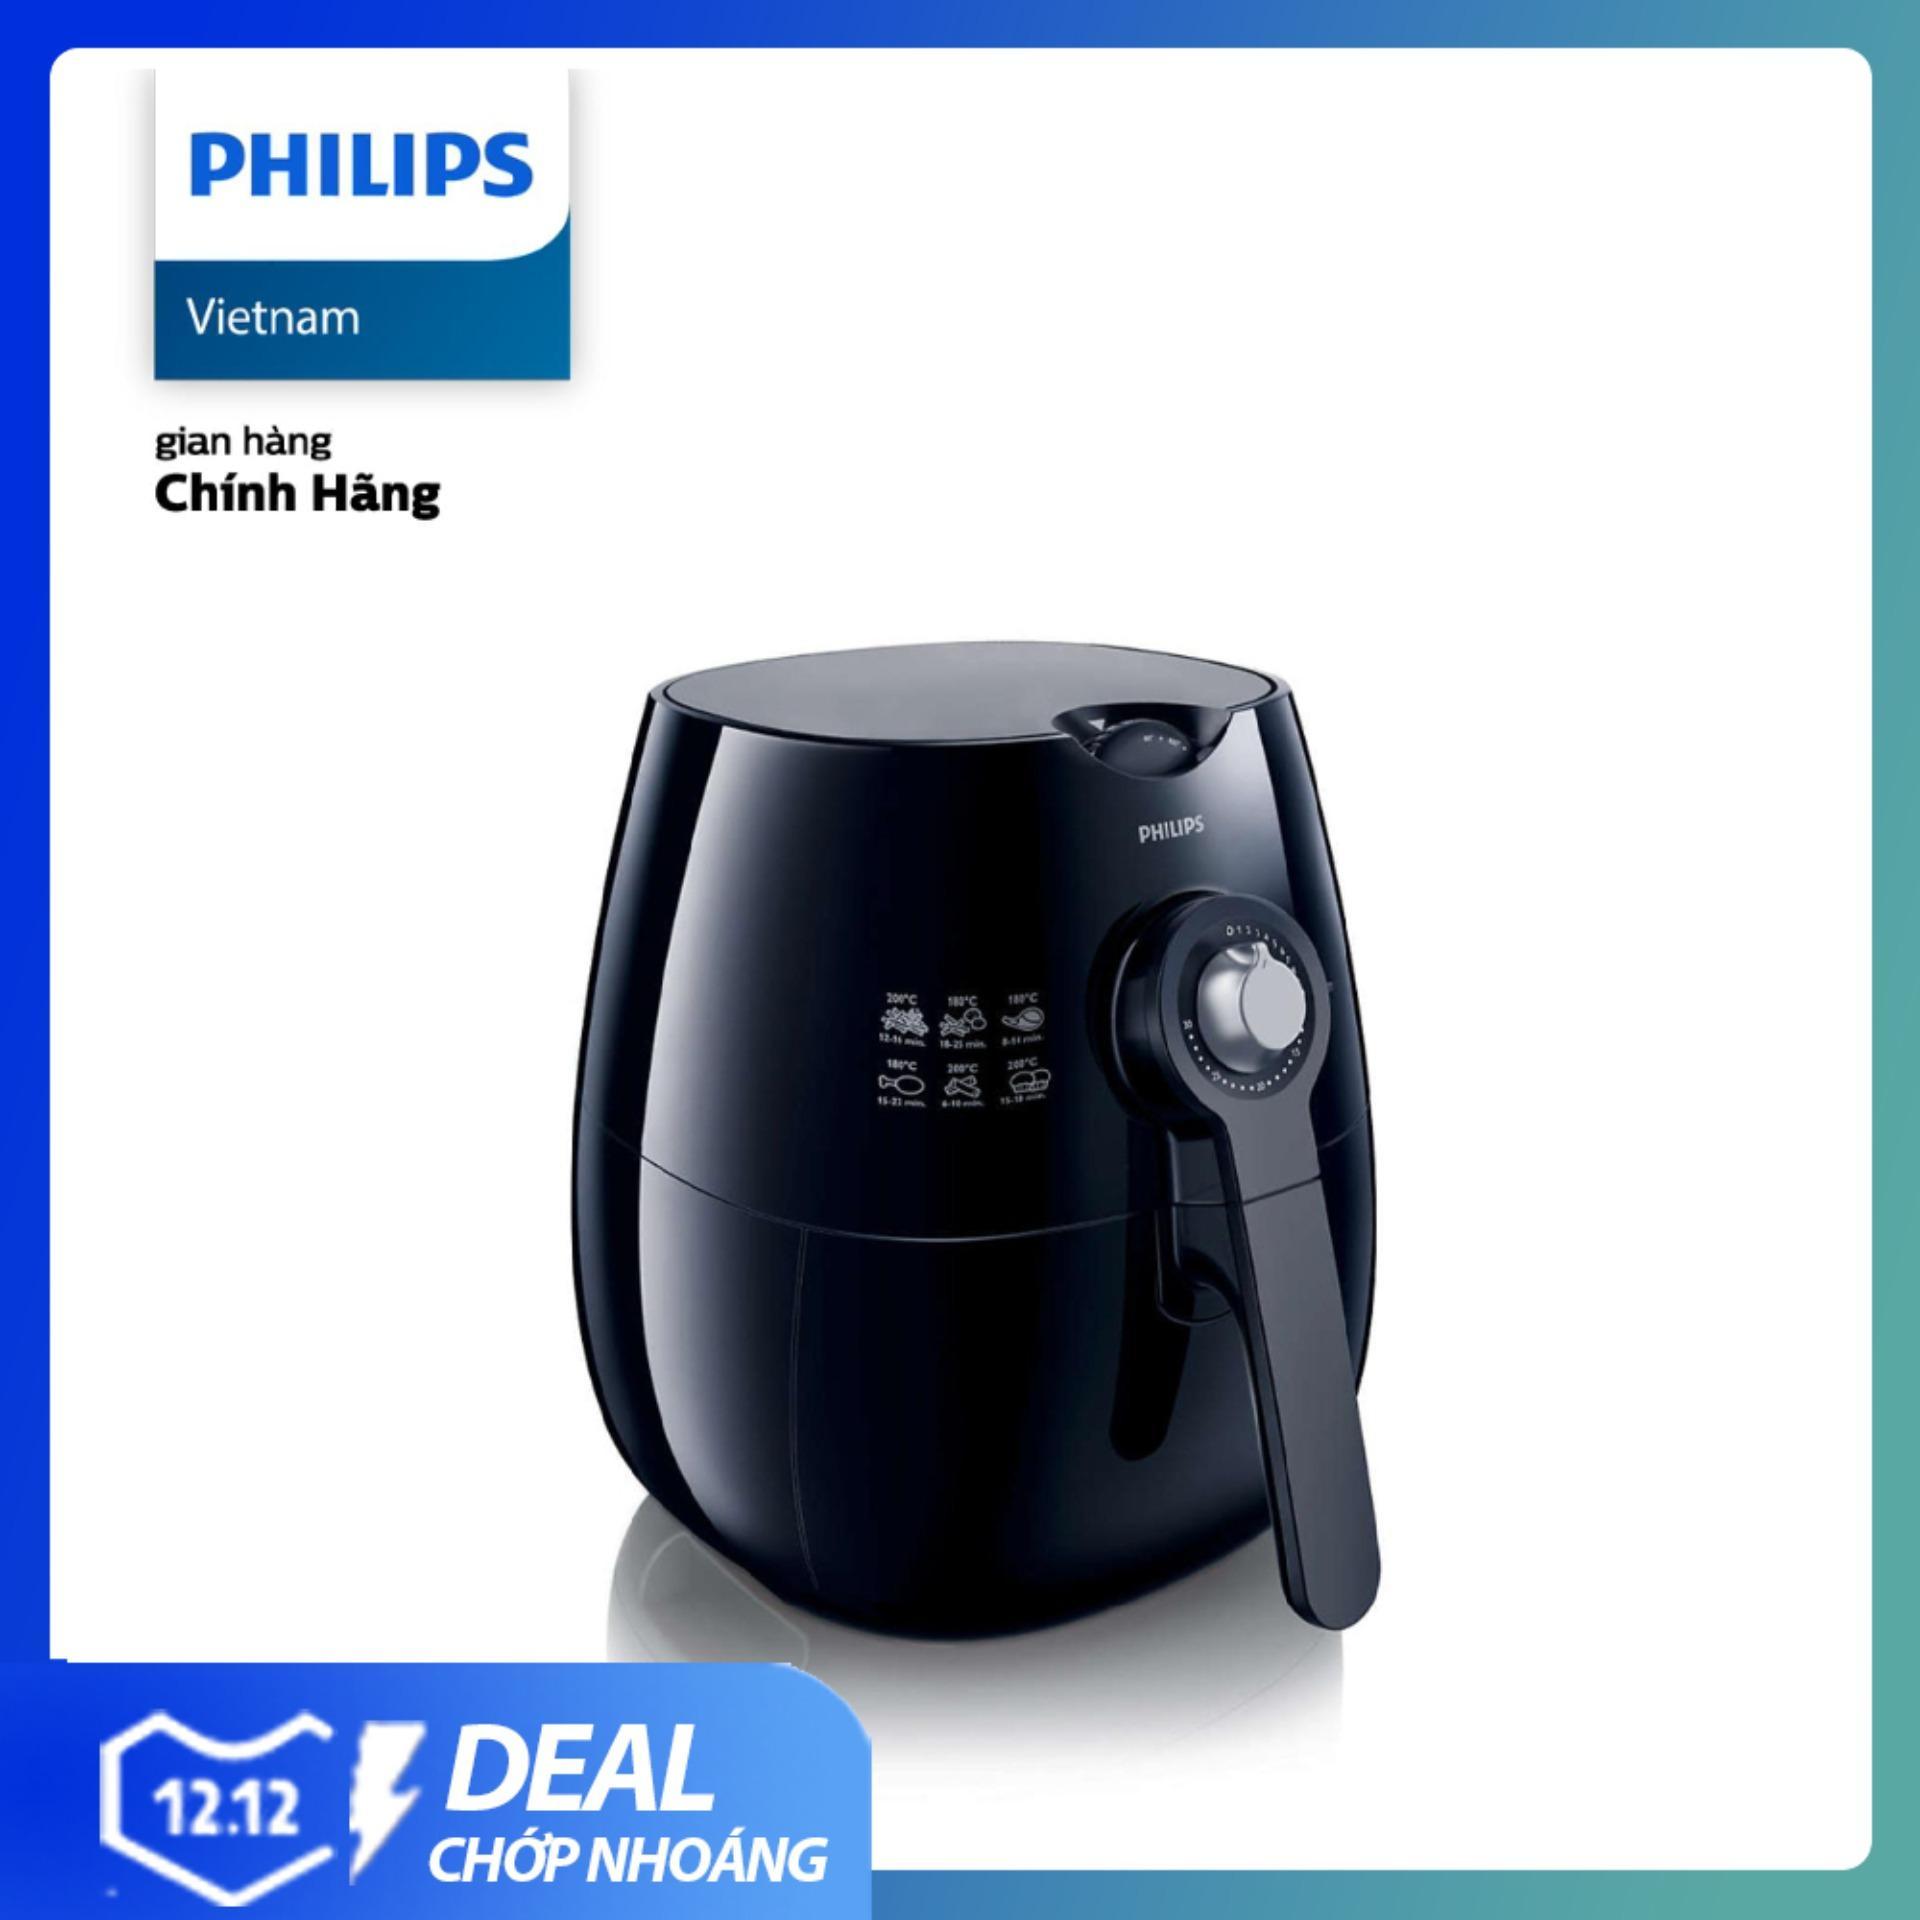 Nồi chiên không dầu Philips HD9220/20 1425W 2.2L (Đen) - Hàng phân phối chính hãng, ít béo đến hơn 80%, lòng nồi chống dính